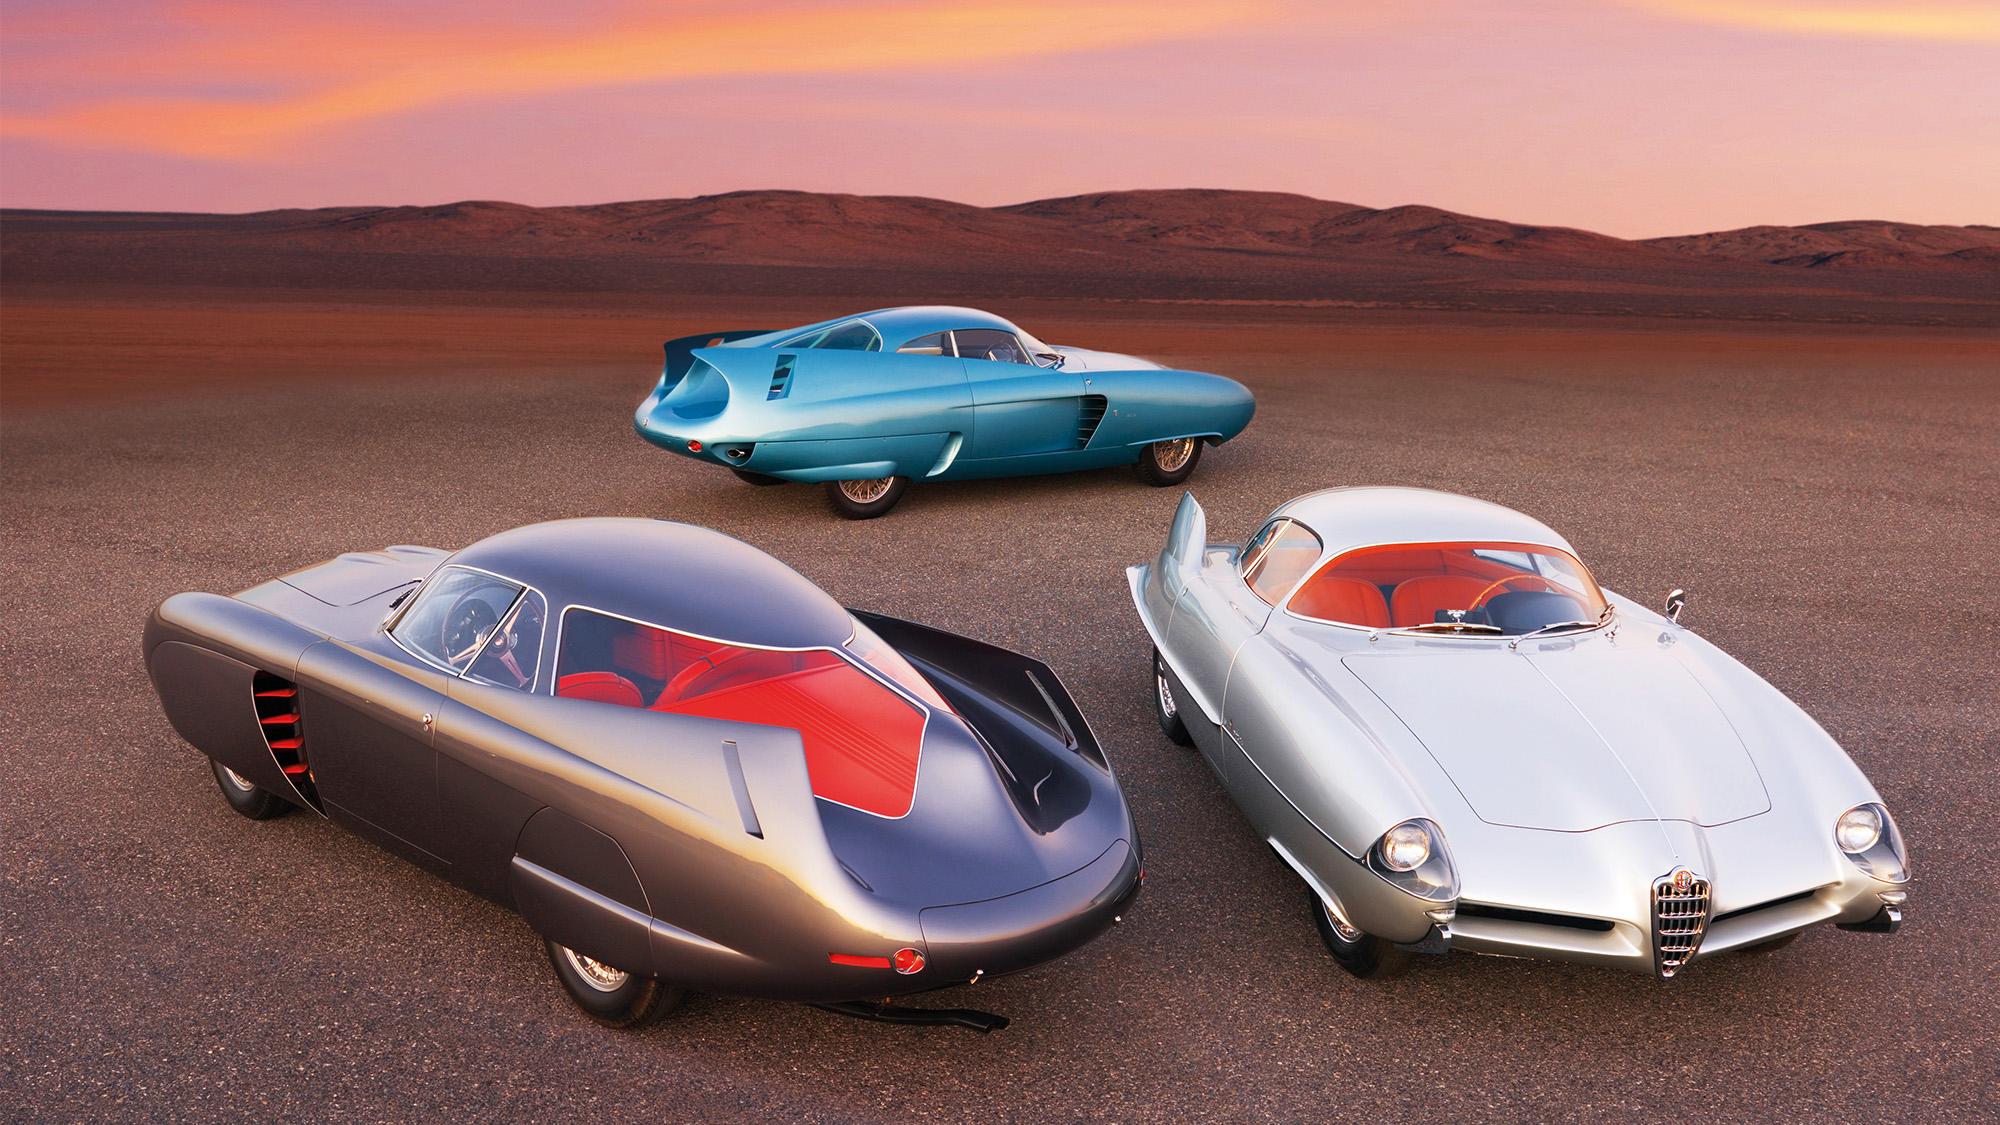 Alfa Romeo Bat concepts